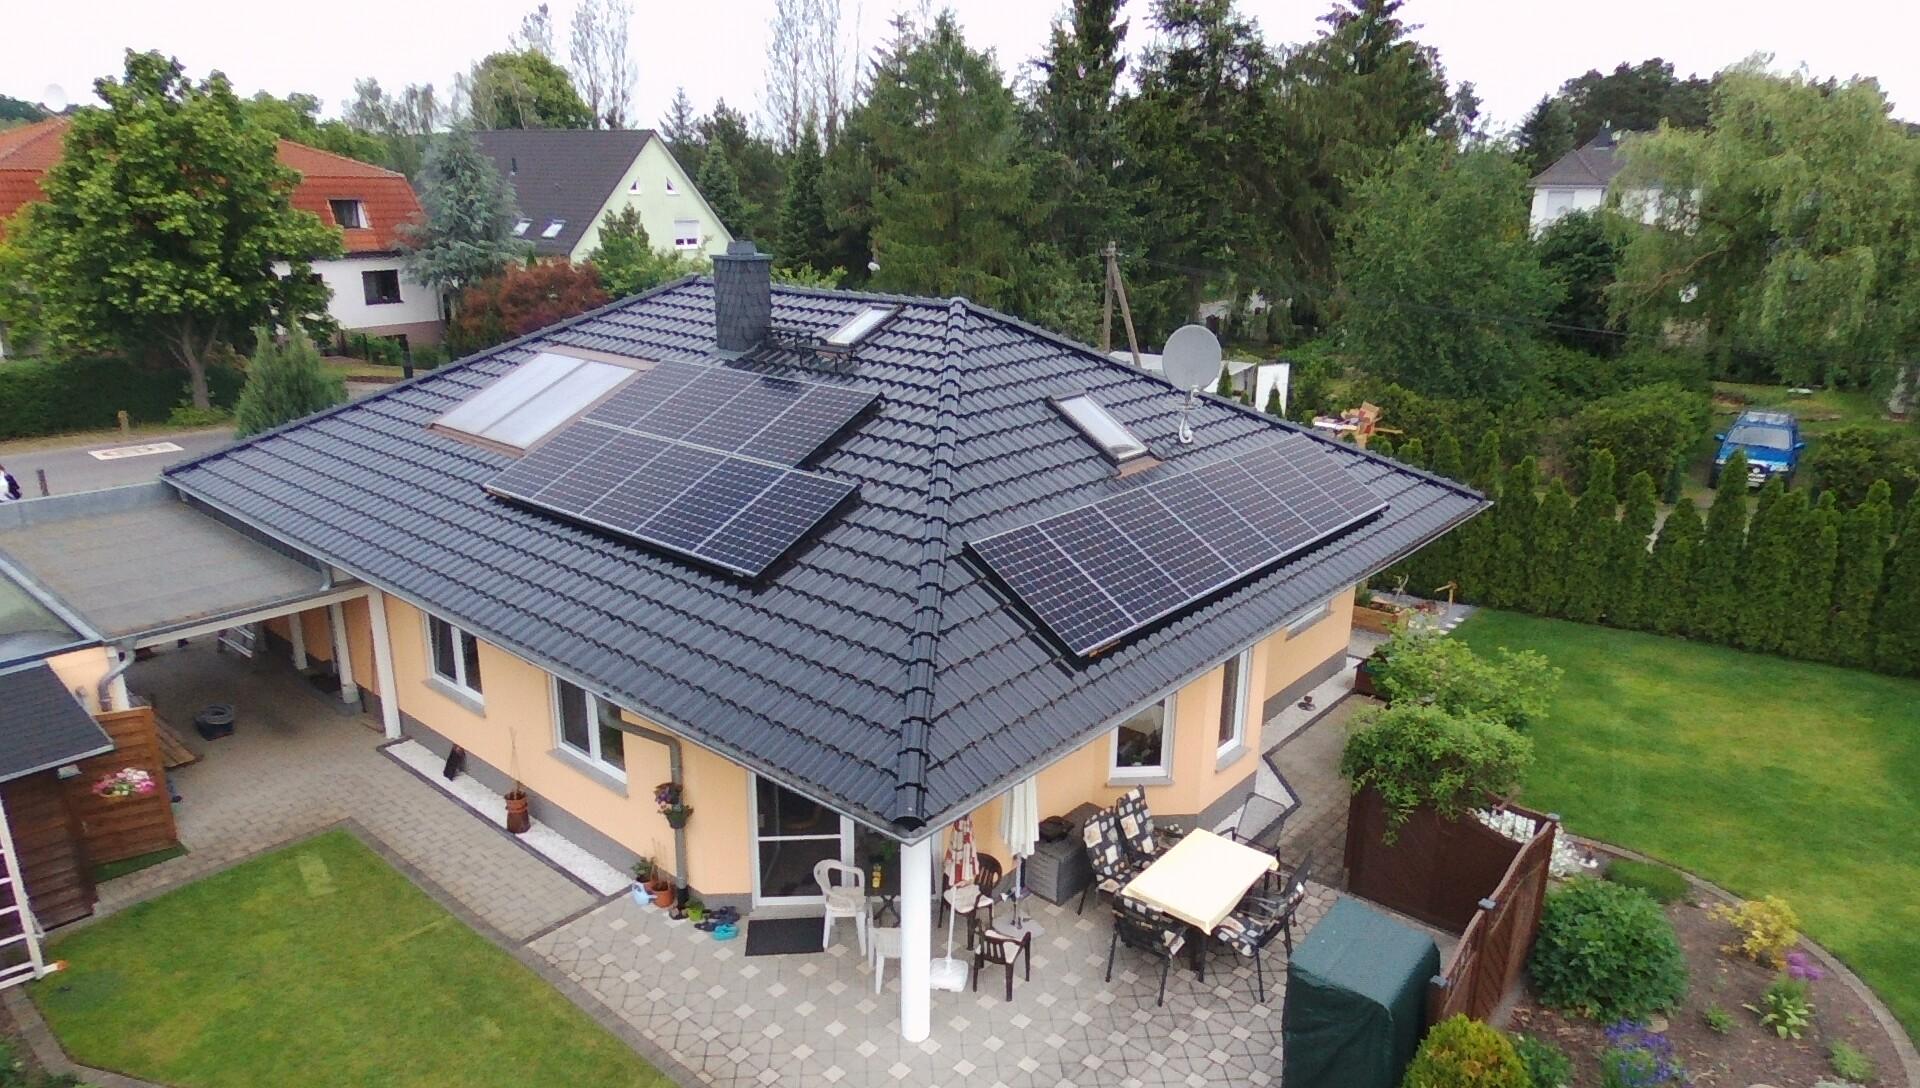 5,76 kWp Sunpower X22 360W Module Süd/Ost Süd/West, Solaredge Wechselrichter inkl. 5 kWh Senec Speicher und Cloud 2.0 in Bestensee bei Berlin